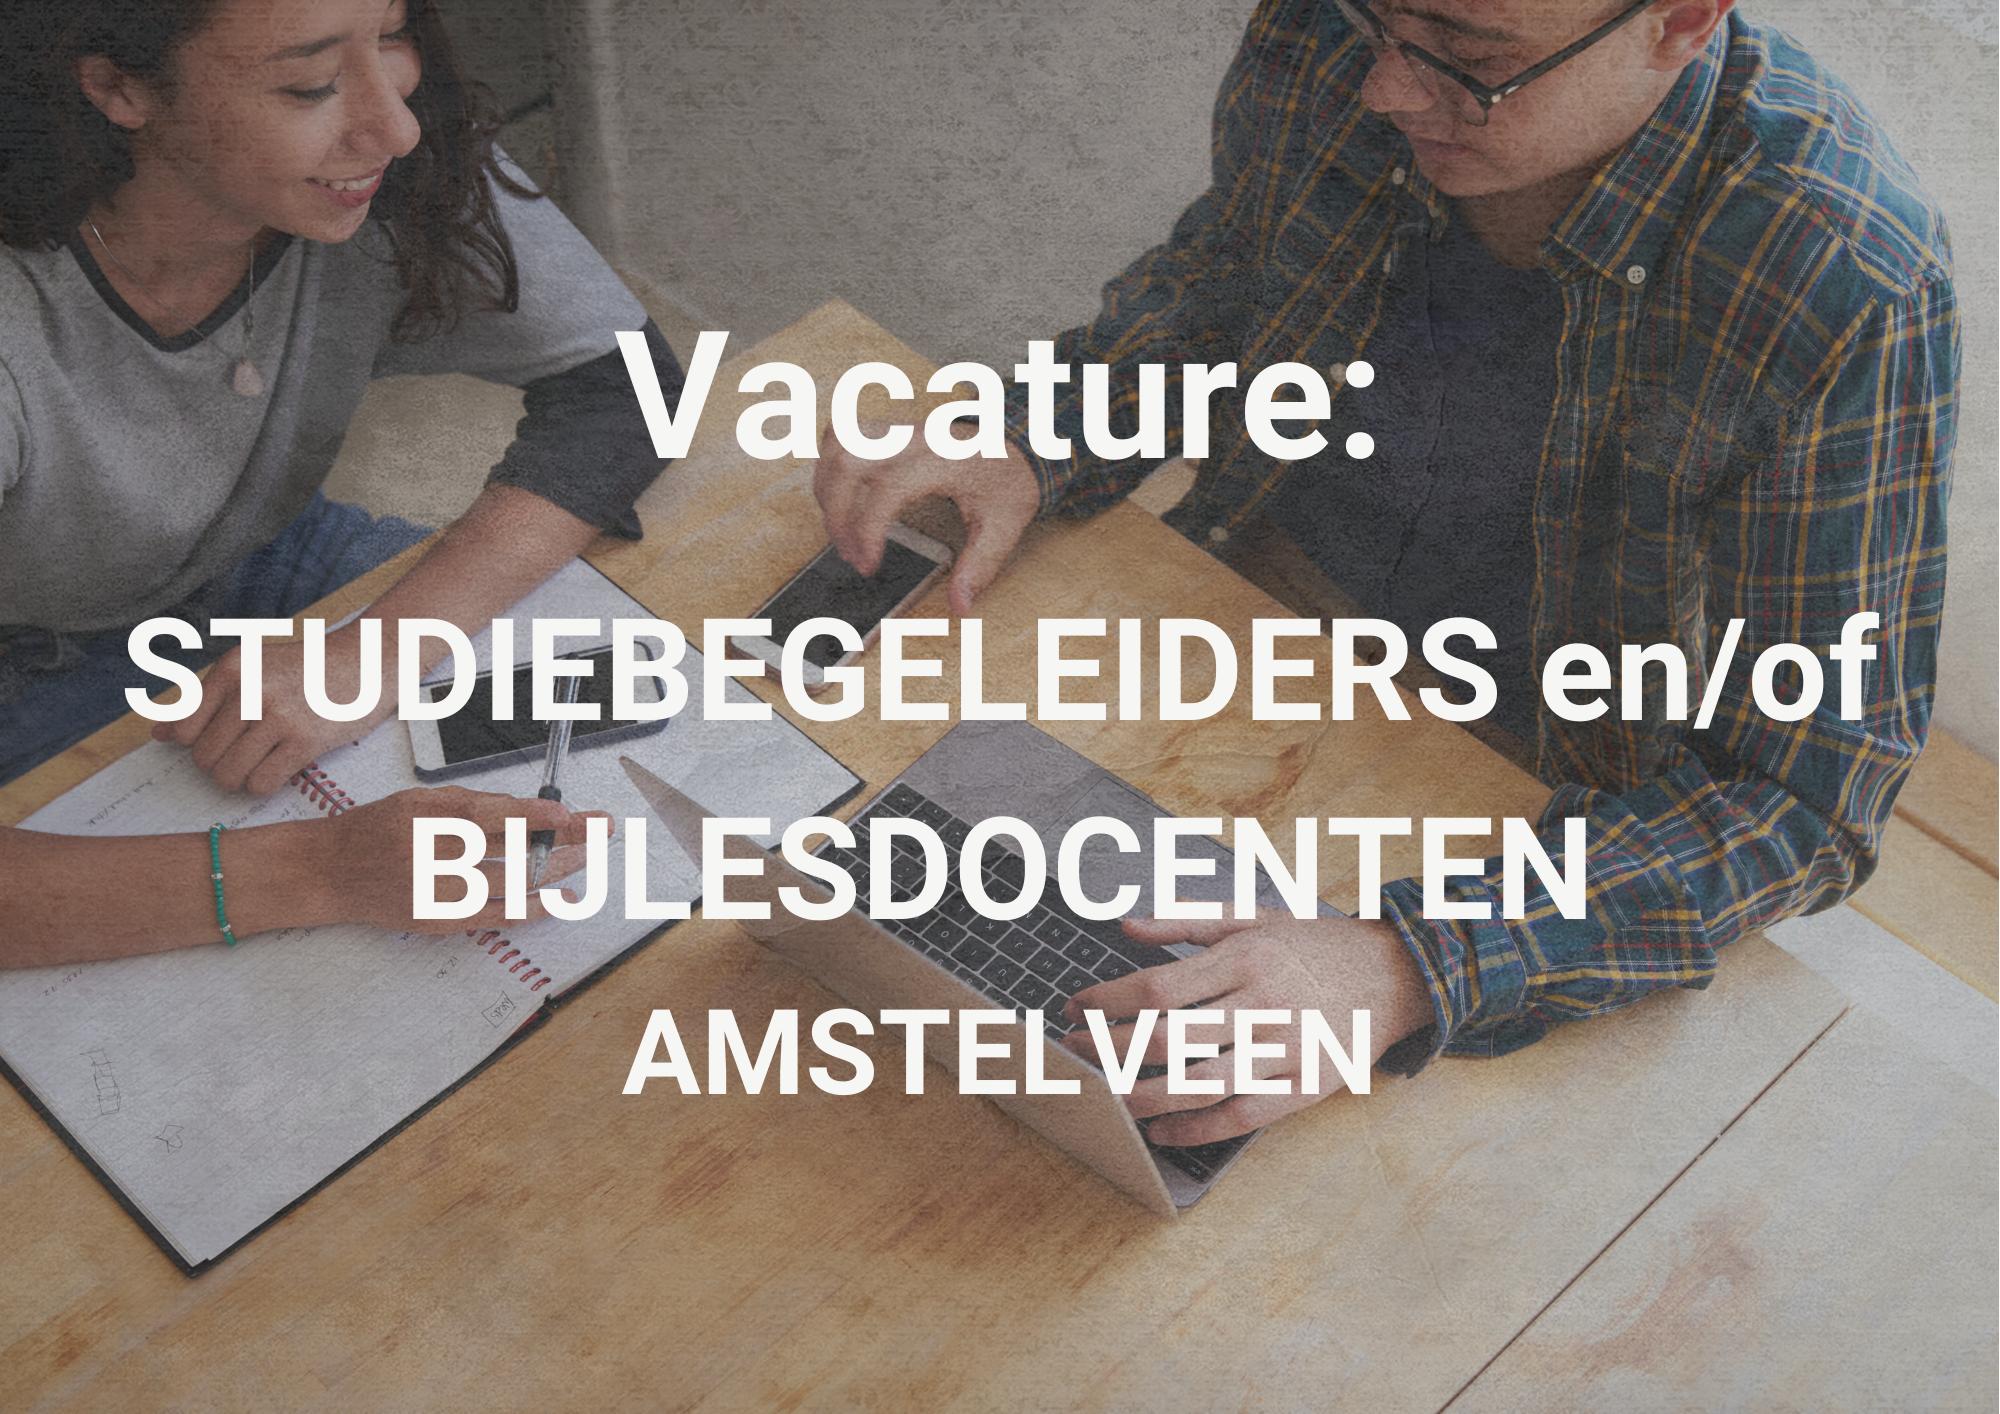 Vacature Studiebegeleiders enof bijlesdocenten Amstelveen